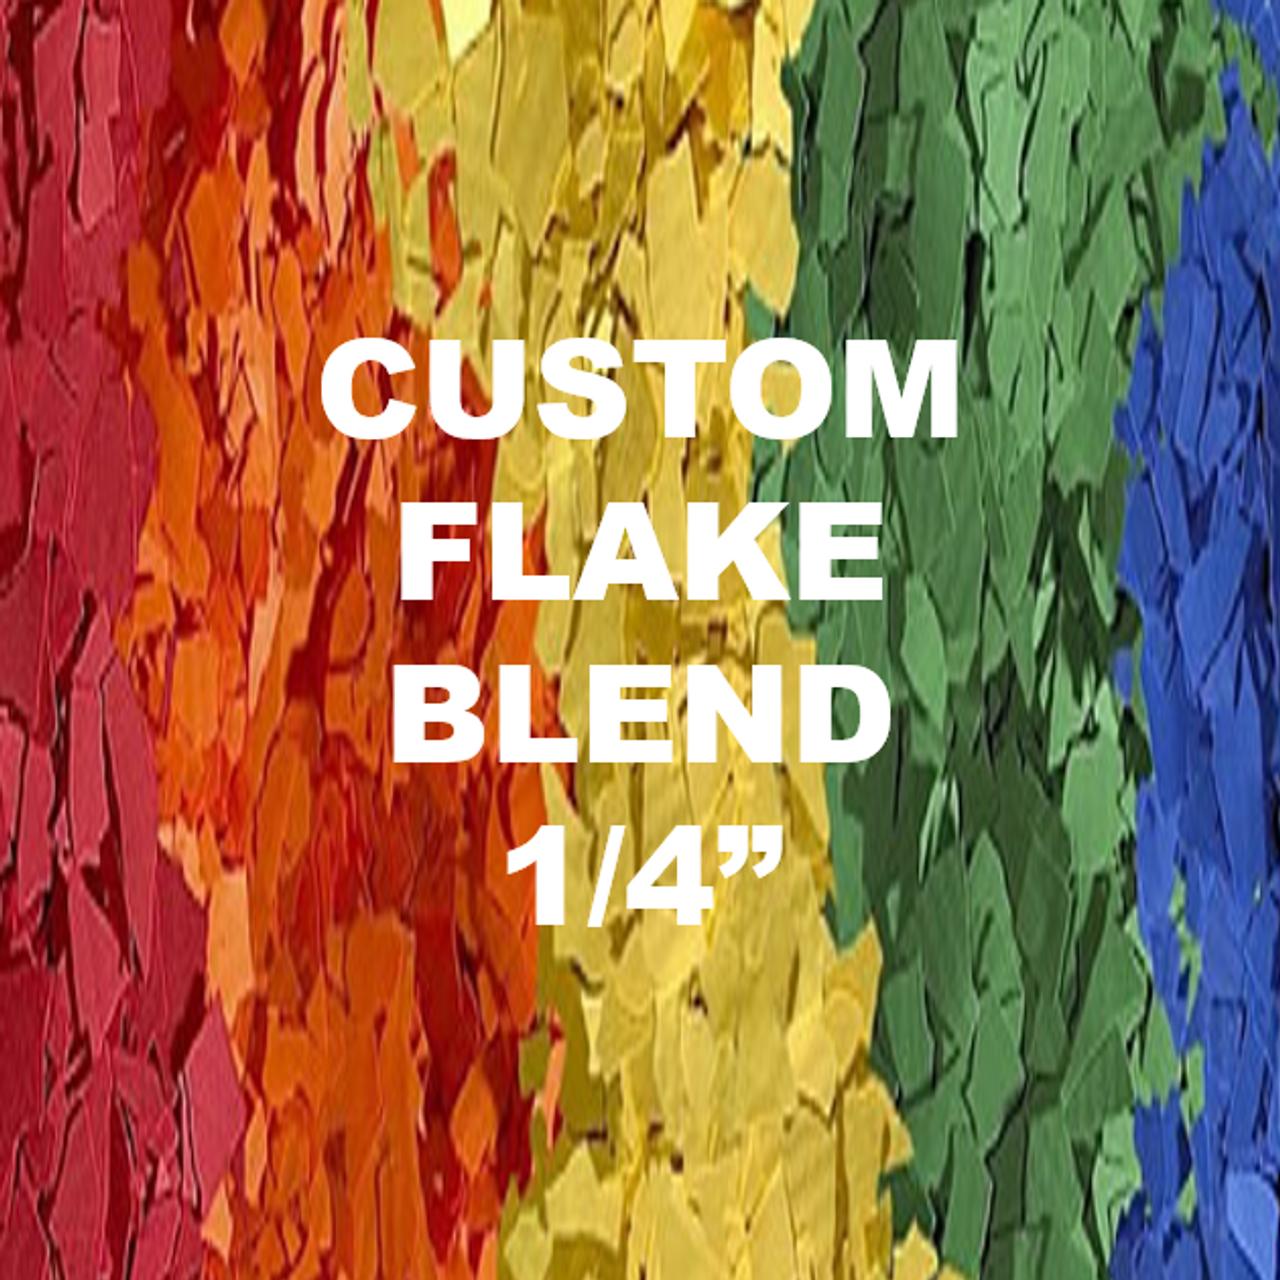 """1/4"""", 1/2"""" or 1"""" Custom Blended Flake (per lb.)"""